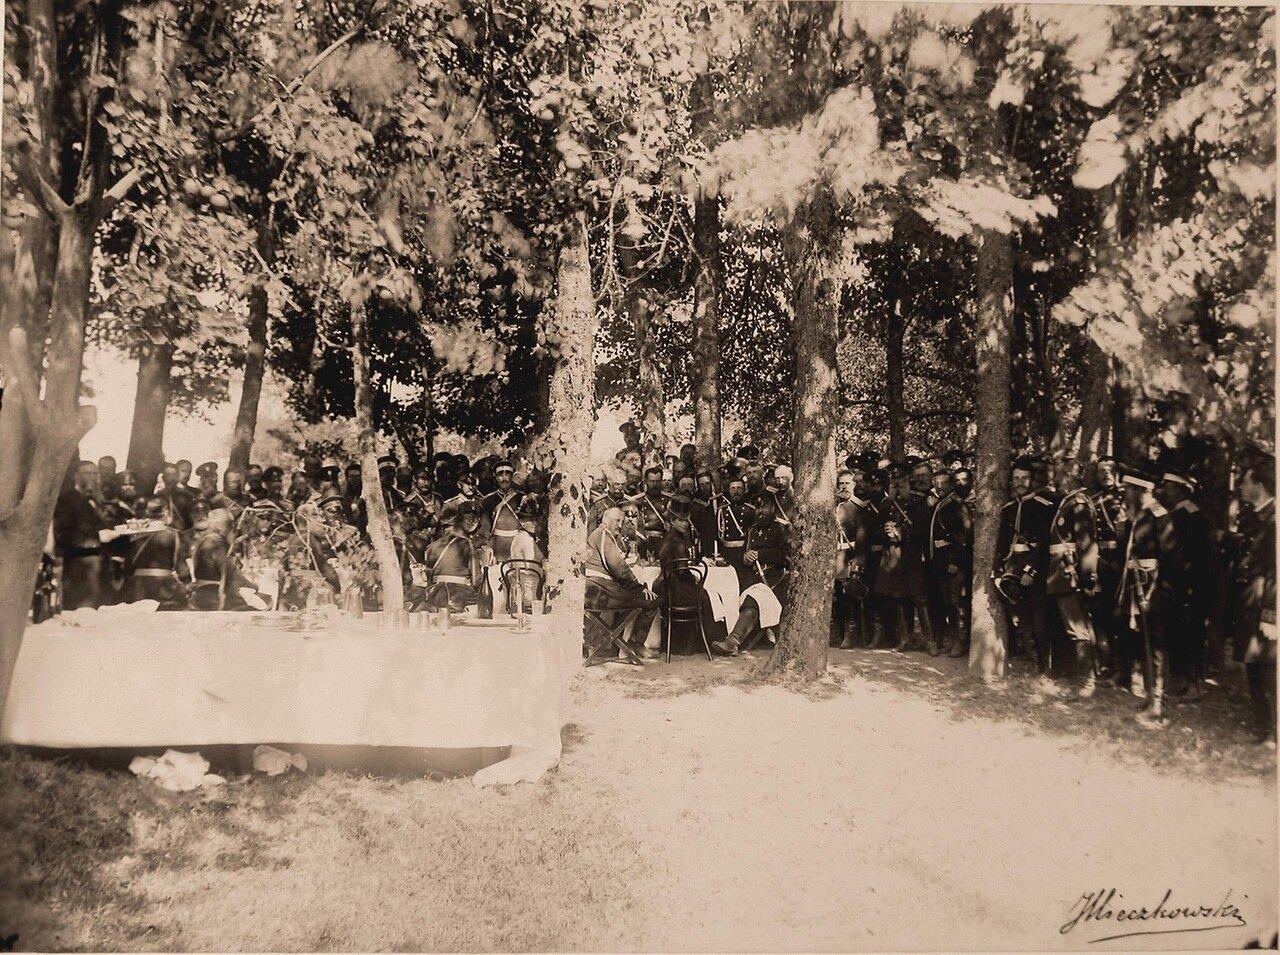 35. Император Александр III (во главе стола), императрица Мария Федоровна (рядом с ним) в группе военных чинов во время обеда в лесу